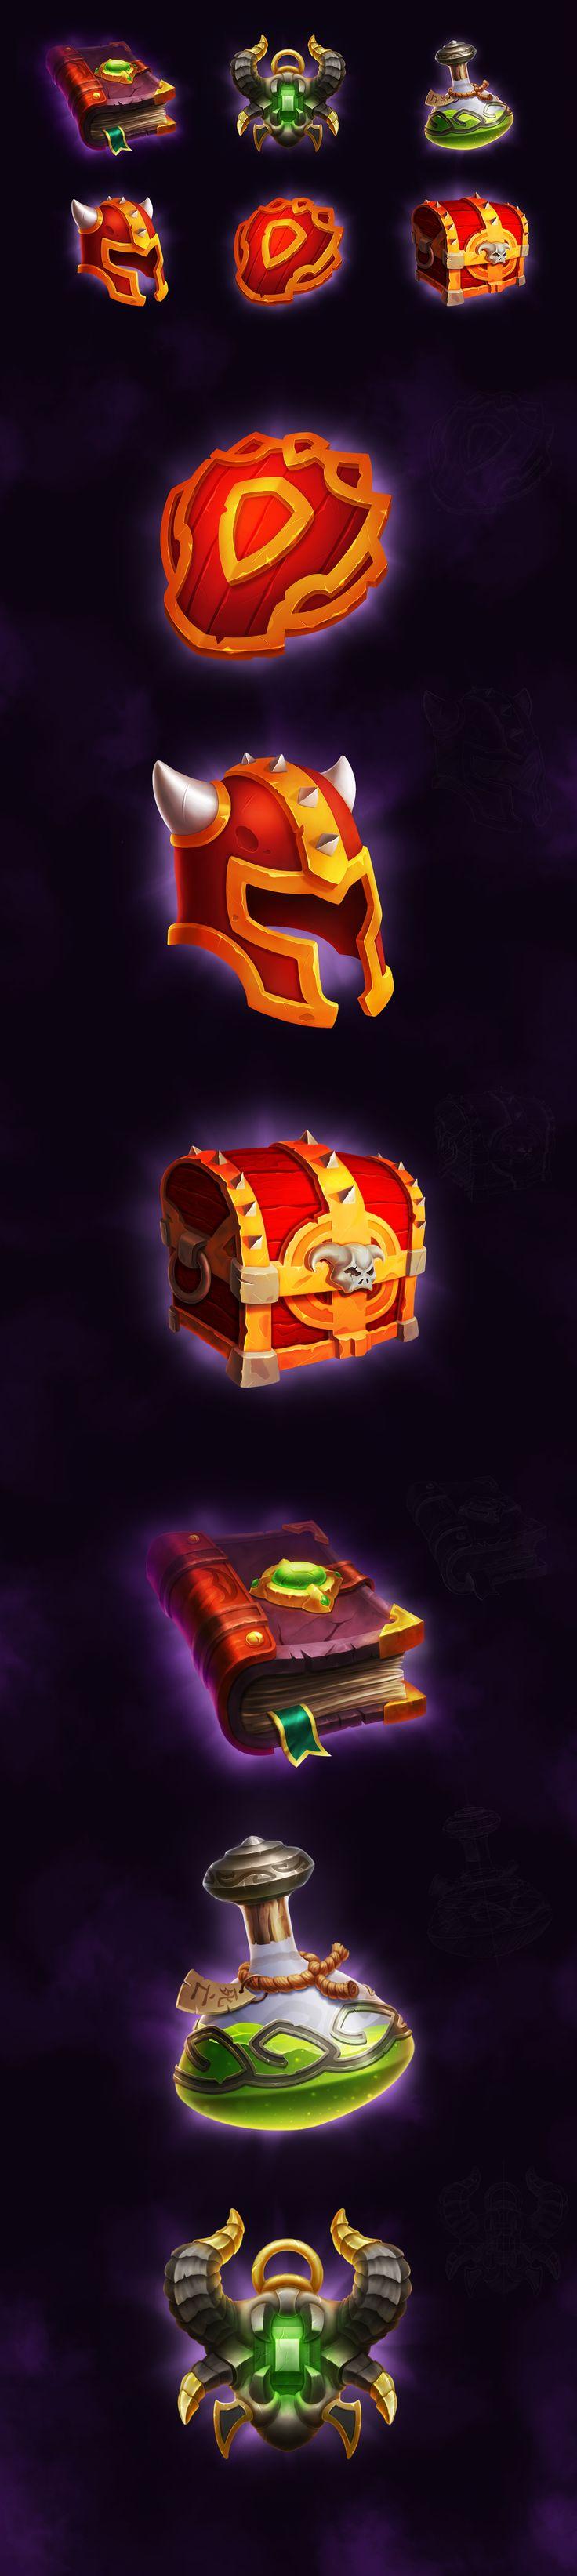 Magic icons set on Behance